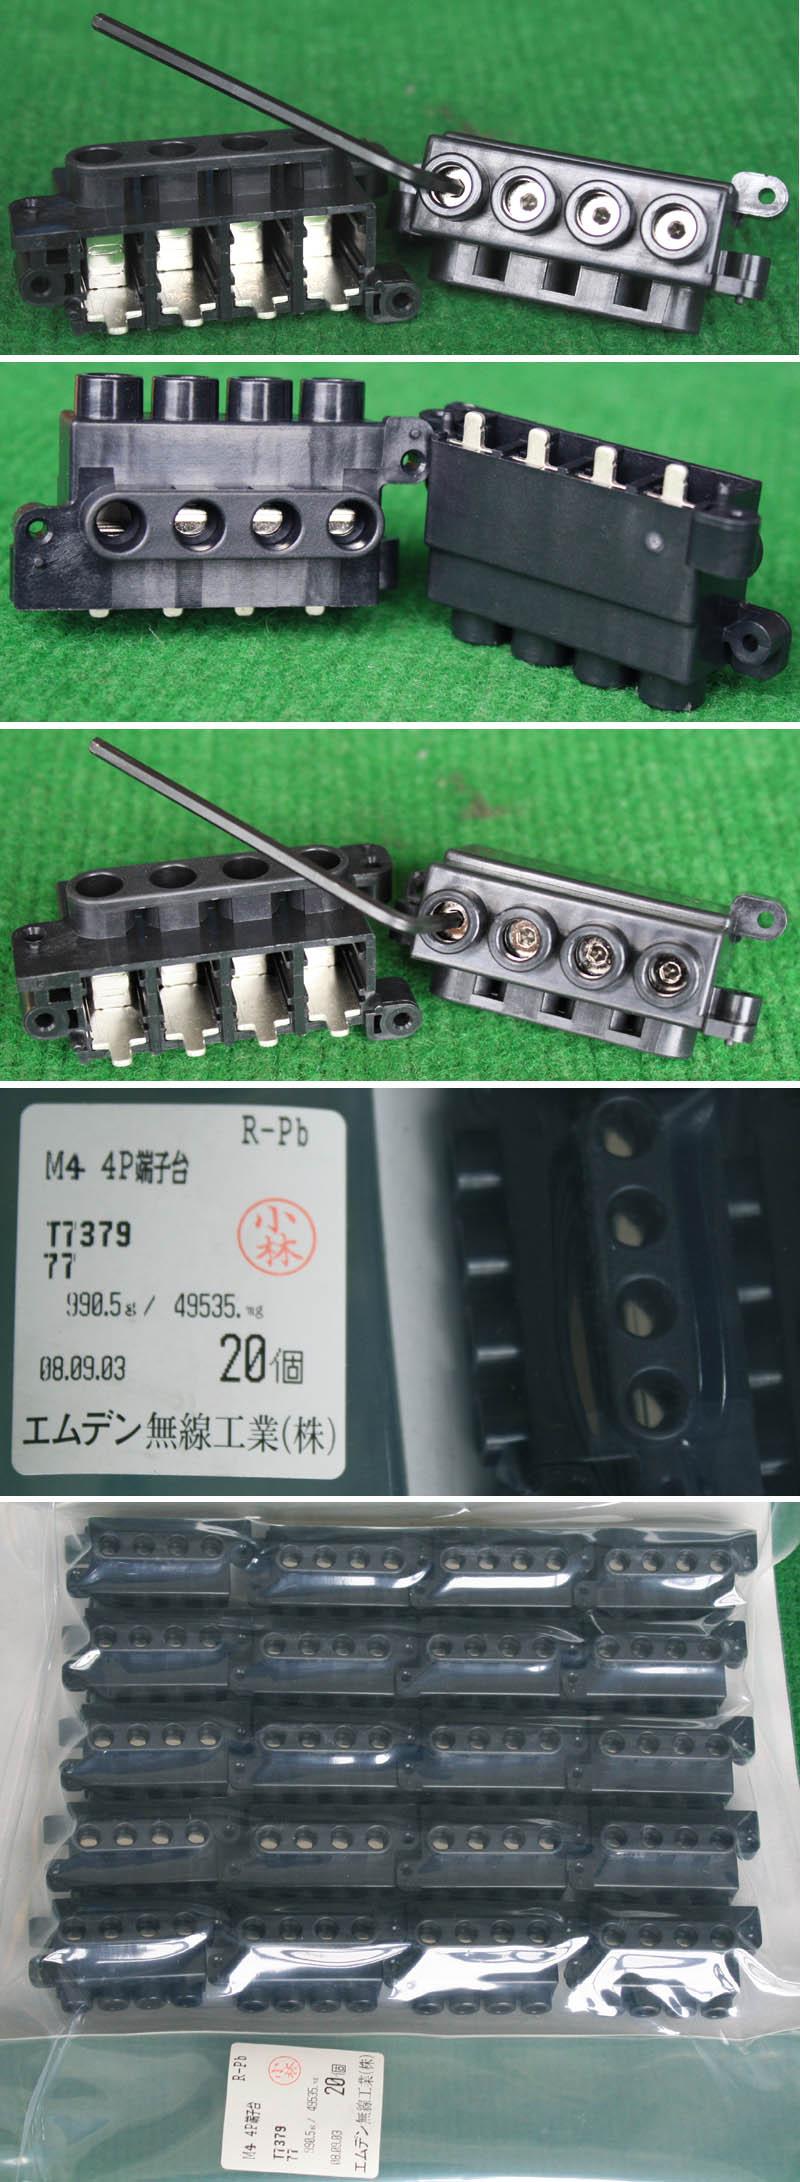 全新原装,焊接导线孔直径2.9毫米,配套选取铜线面积为2.5-6平方毫米,具备防水特征。 可以配套组合使用的方式有4种;(1)公插座配母插头、(2)公插座配母插座、(3)公插头配母插座、(4)公插头配母插头空中连接,根据需要购买对应插头和插座。 有4种类型;公插座、母插座、公插头、母插头; LC3-CP 10-1 4.